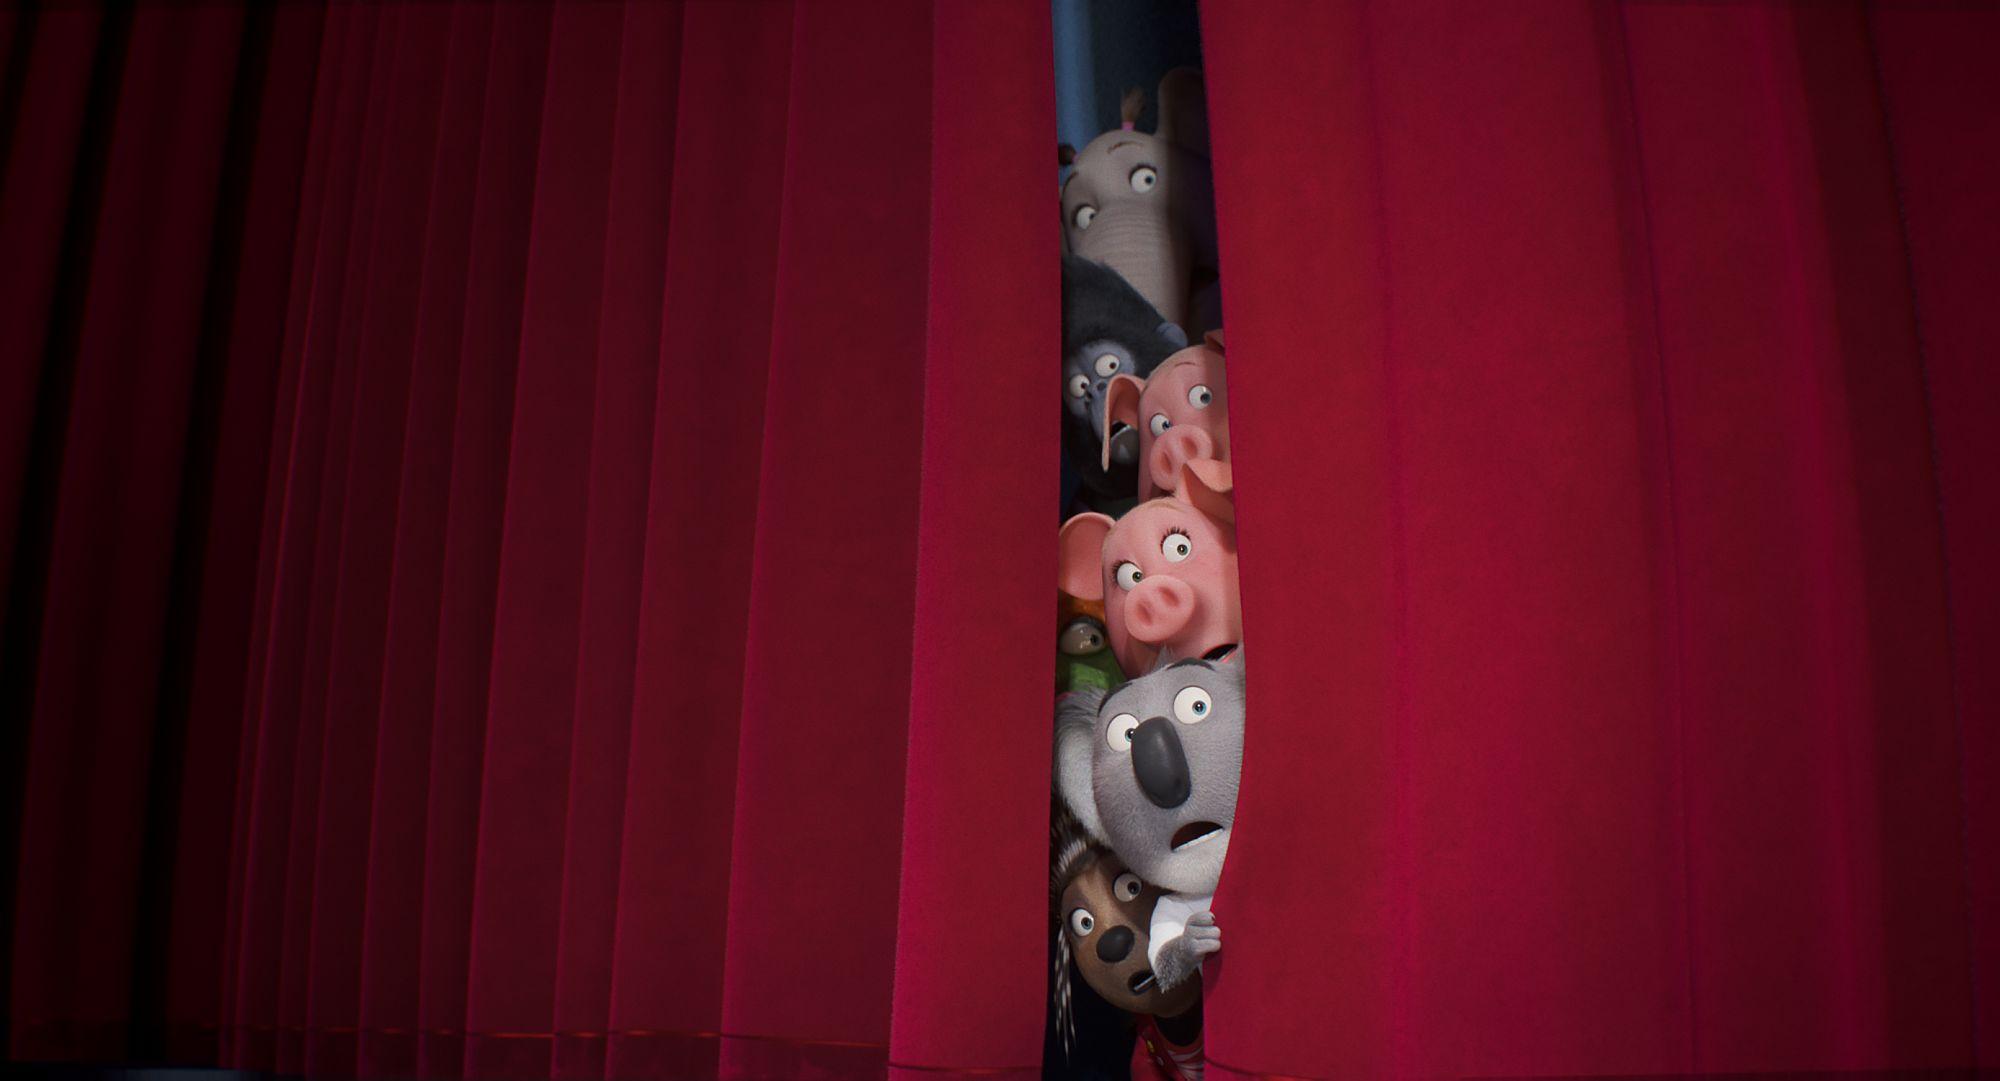 ( von oben nach unten) Elefant Meena (Tori Kelly), Gorilla Johnny (Taron Egerton), Schwein Gunter (Nick Kroll), Schwein Rosita (Reese Witherspoon), Eidechse Miss Crawly (Garth Jennings), Koala Buster Moon (Matthew McConaughey) und Stachelschwein Ash (Scarlett Johansson) in Illumination's Sing 2, geschrieben und inszeniert von Garth Jennings.